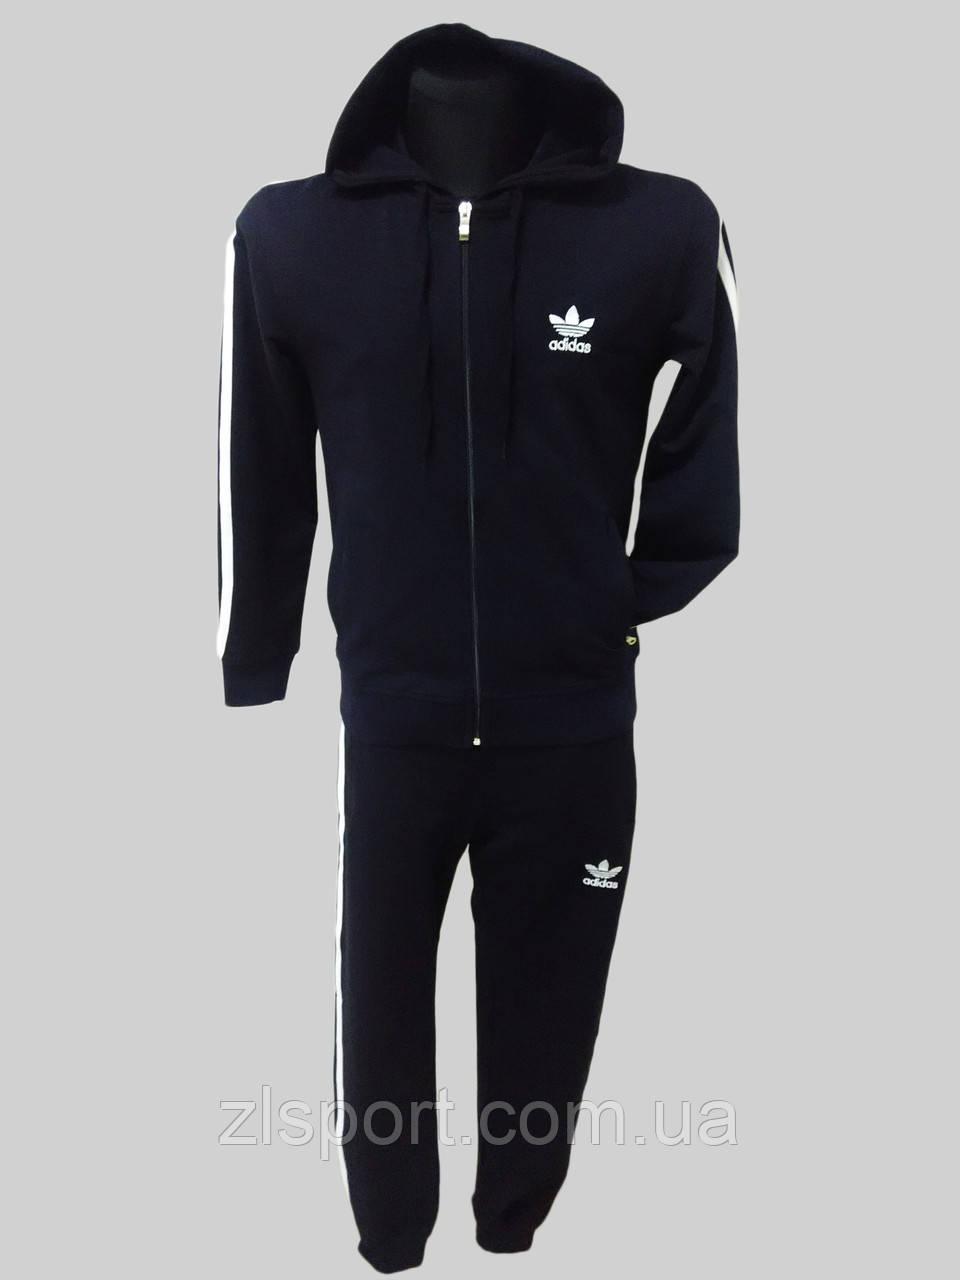 c6e29fea Трикотажный спортивный костюм мужской Adidas с капюшоном Турция - Интернет  магазин спортивной одежды